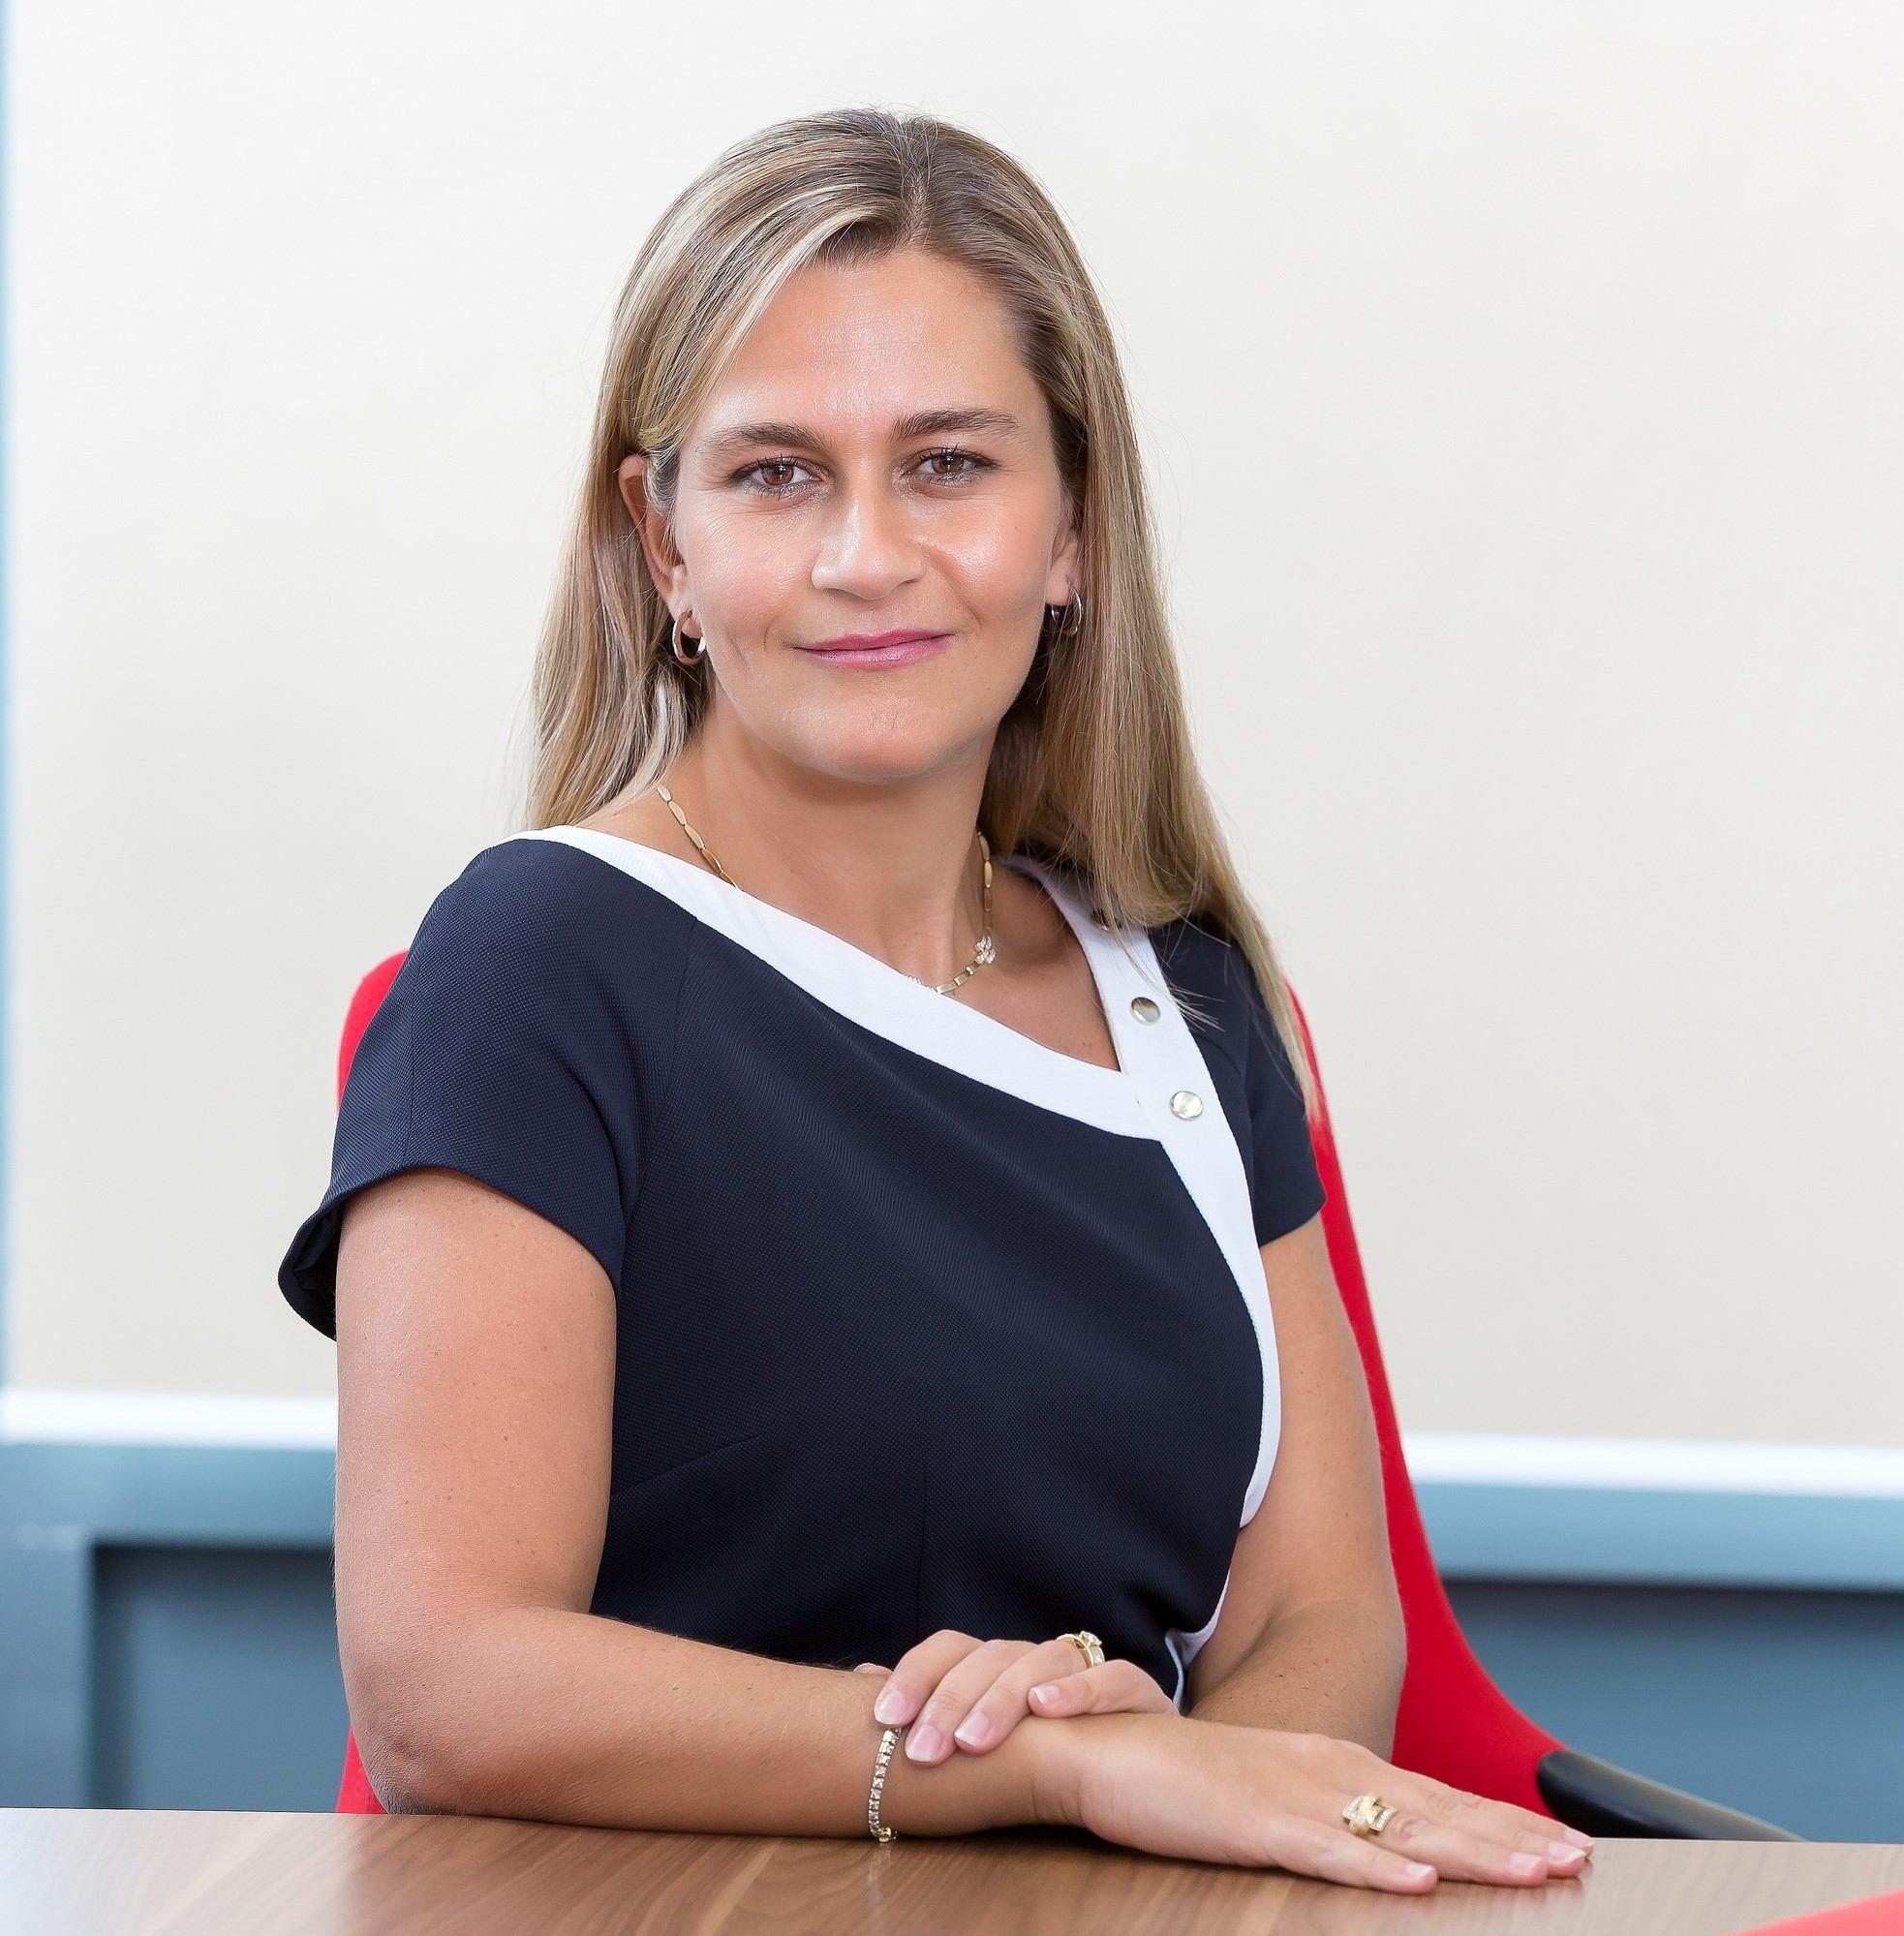 Murielle Lorilloux, CEO of Vodafone Romania